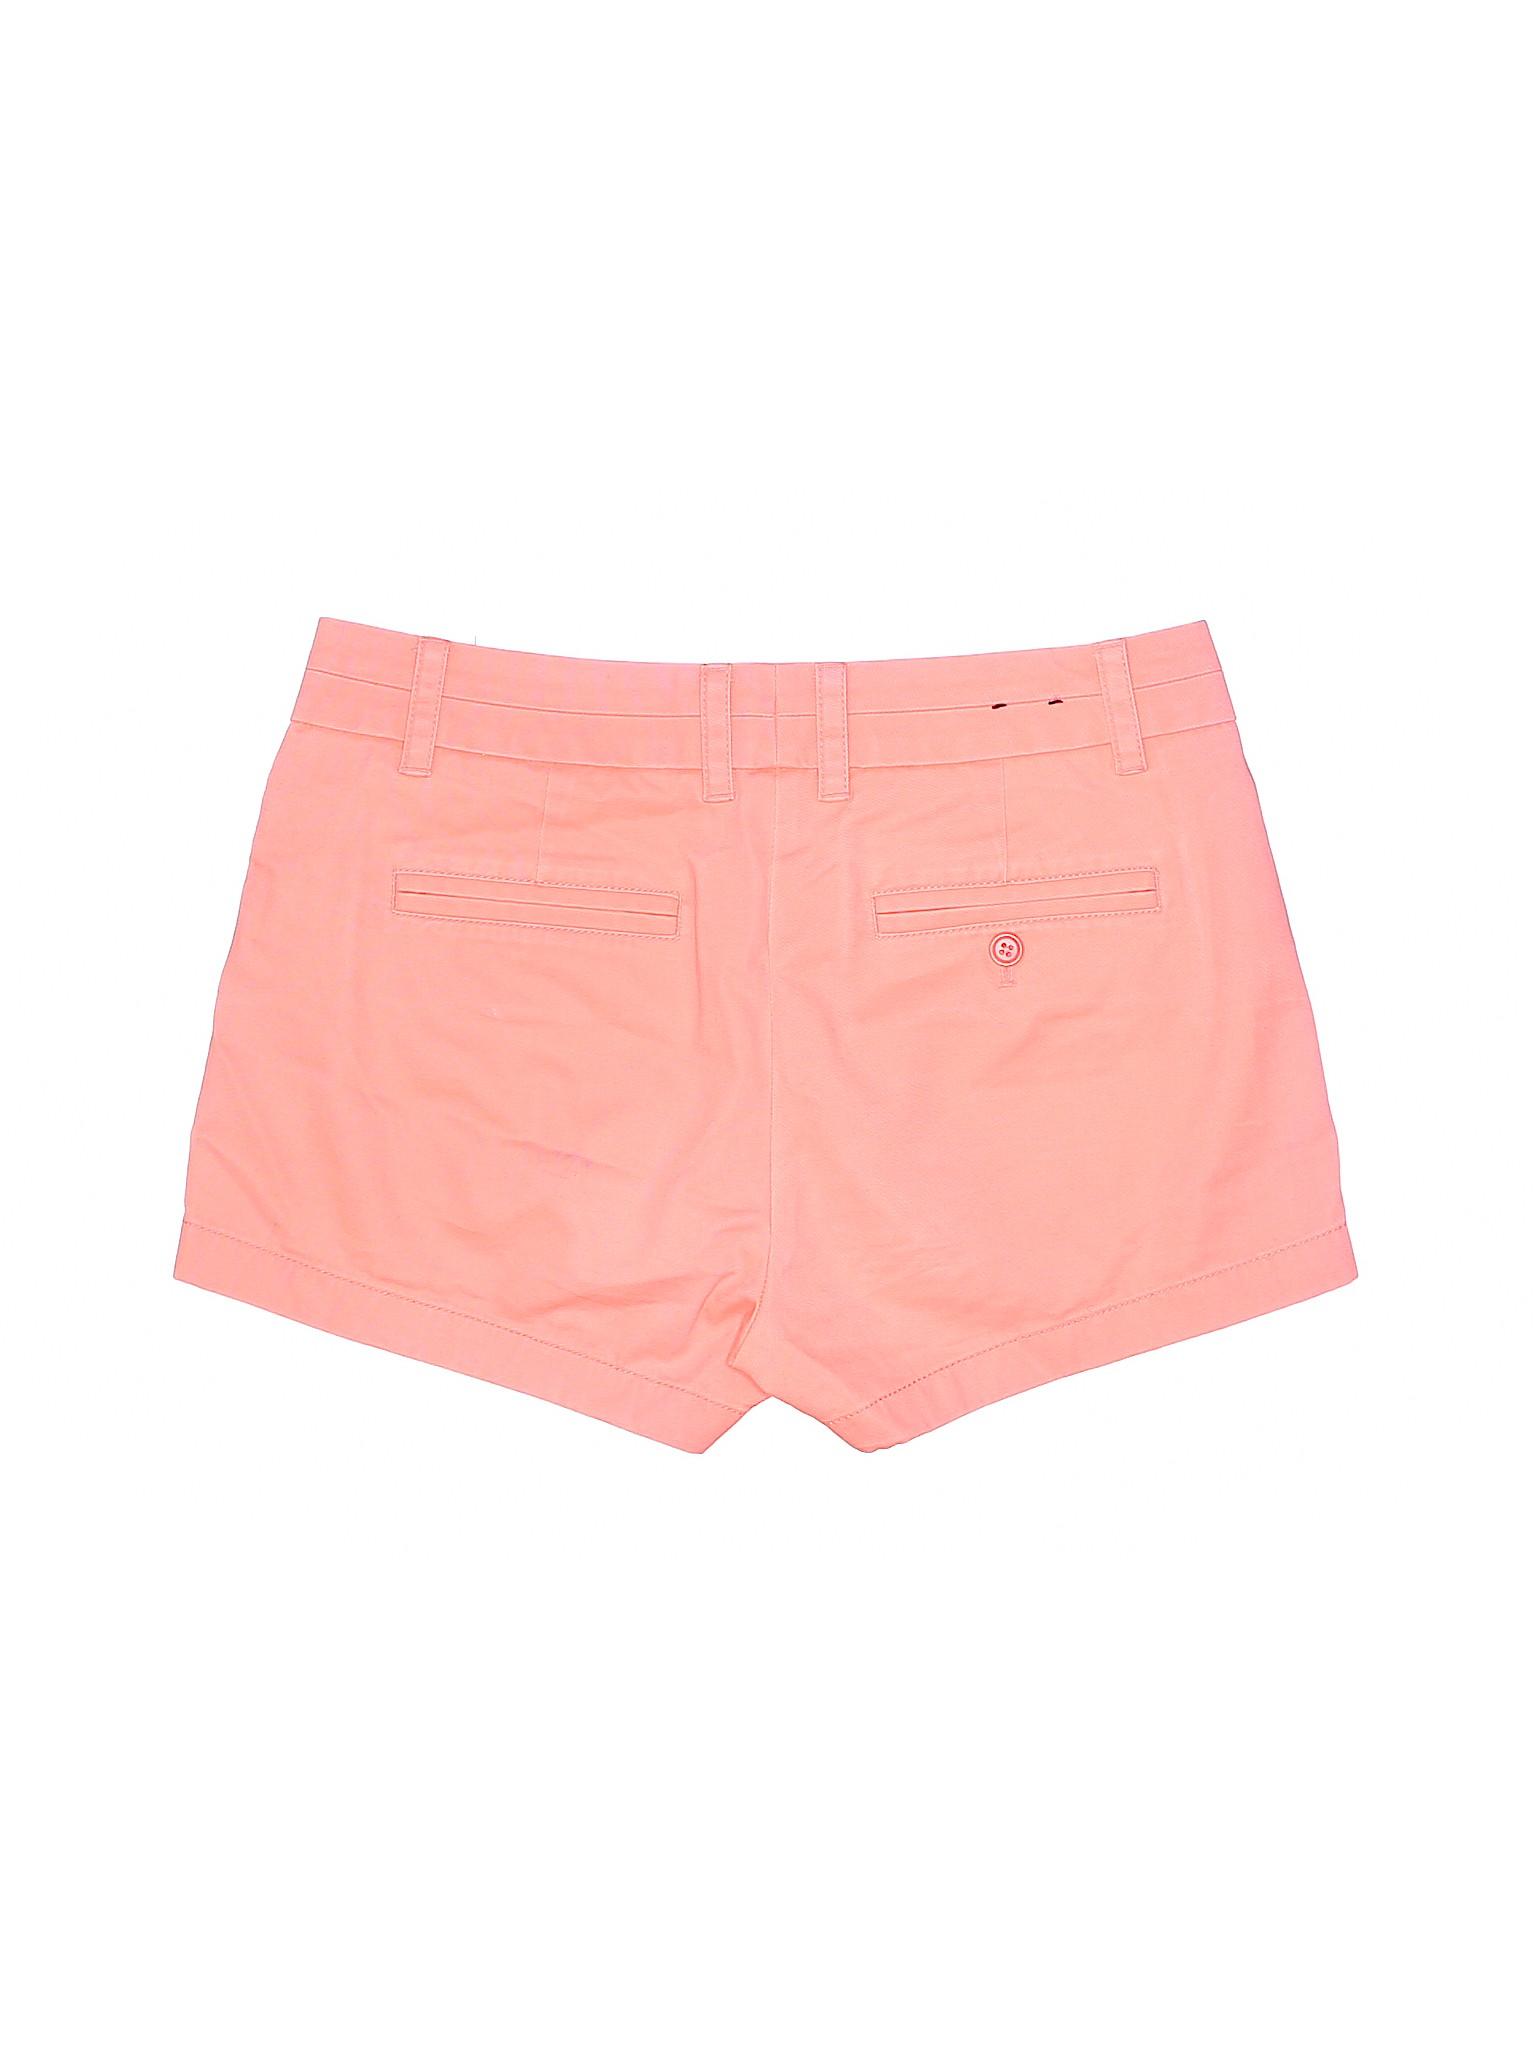 Boutique Boutique Shorts Crew J J Crew gn8pSrg